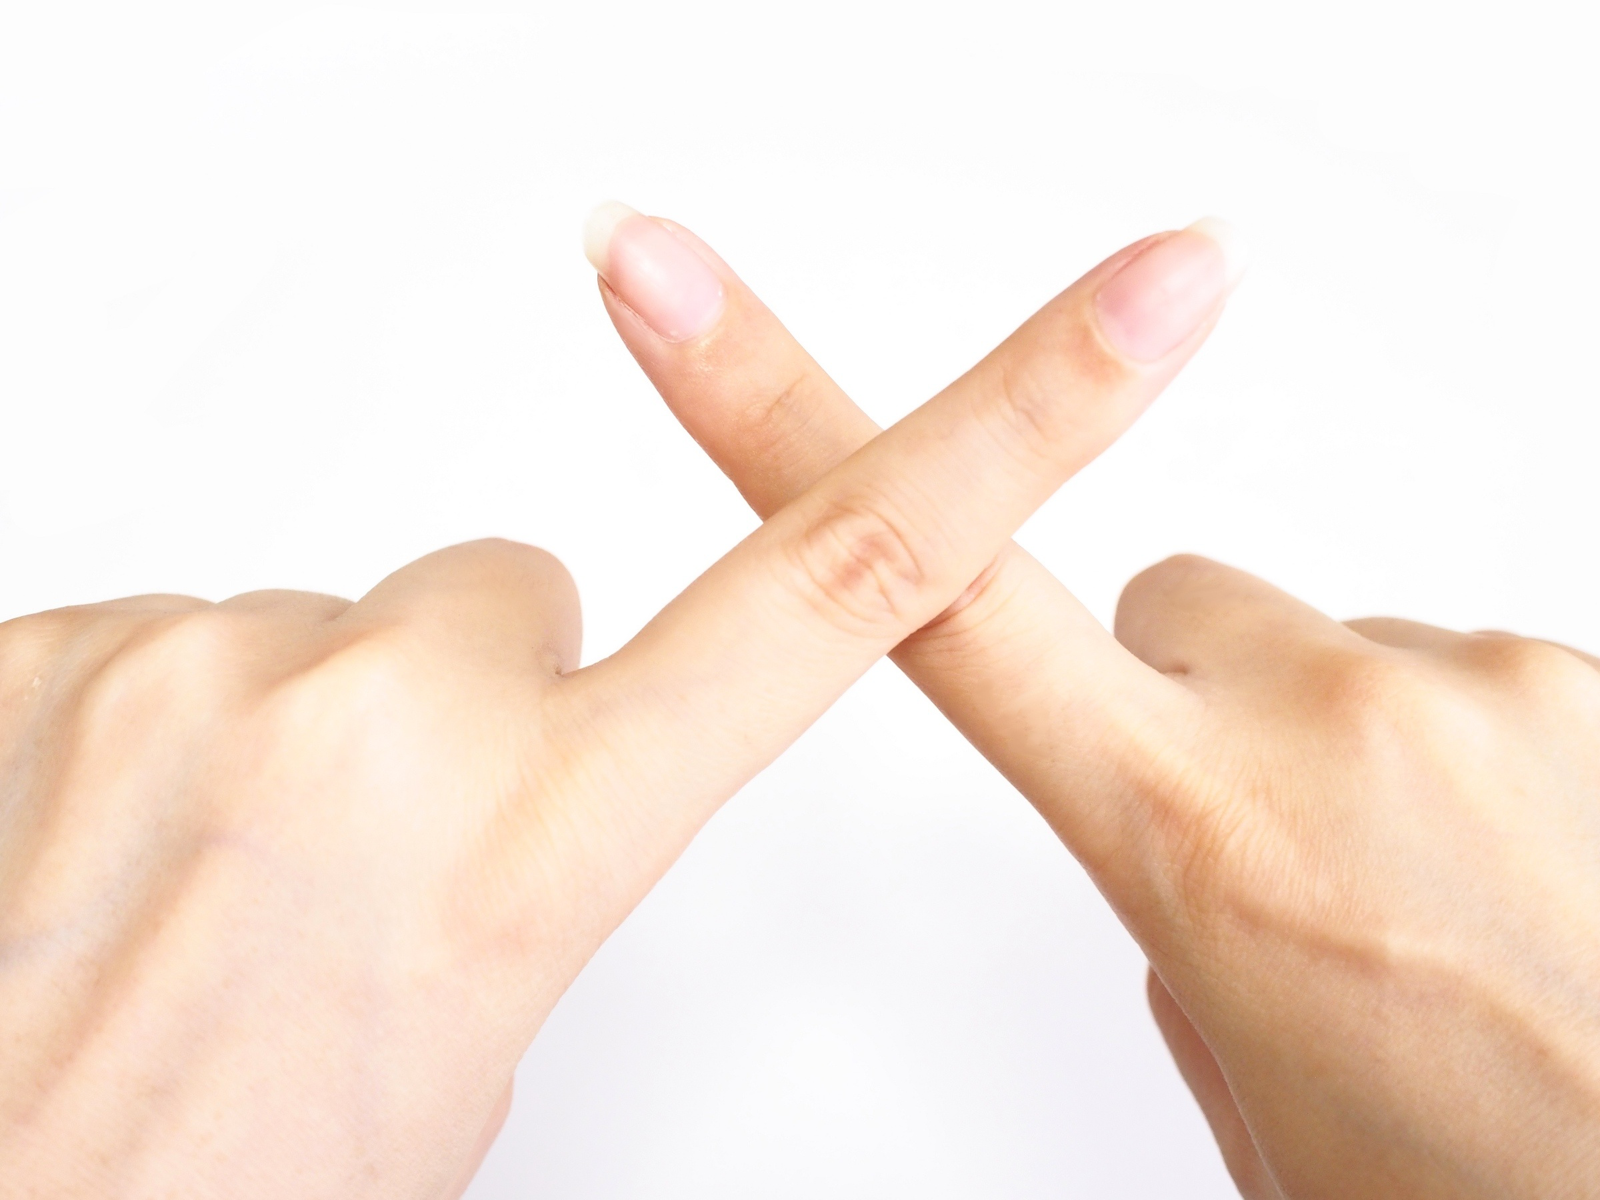 バツをつける女性の手